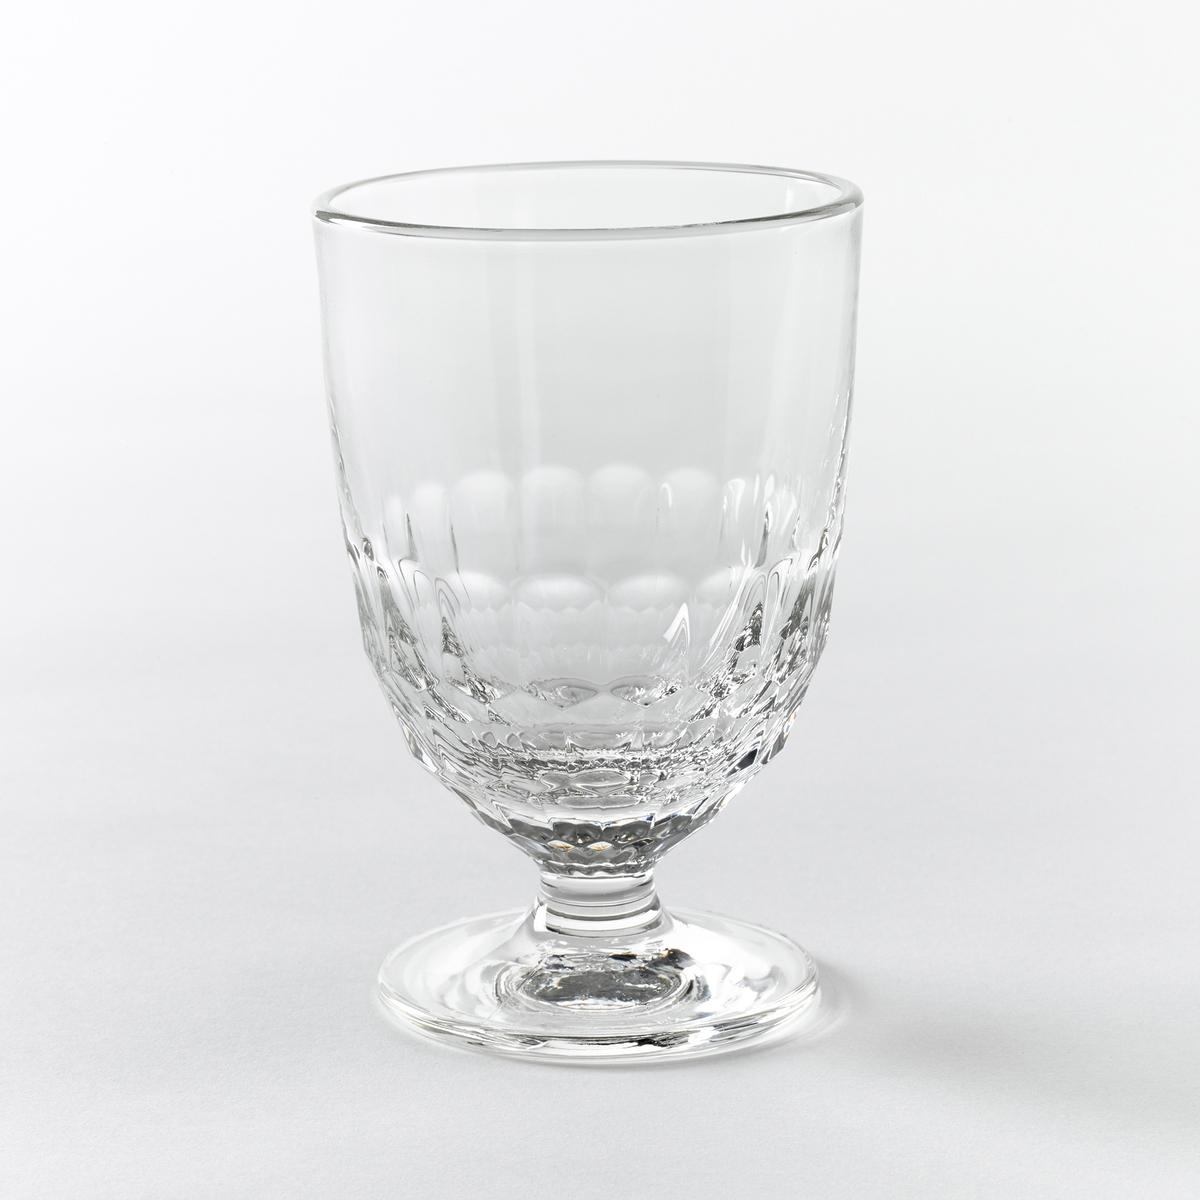 Комплект стаканов для воды с декором в виде сот ArtoisХарактеристики 6 стаканов для воды с декором в виде сот Artois :- Прессованное стекло, очень прочное- Рельефный декор в виде сот.- Объем 315 см3.- Диаметр 8,3 x Высота 12,6 см.- Можно использовать в посудомоечной машине.- Произведено во Франции. Откройте для себя стаканы для вина того же набора на сайте laredoute.ru<br><br>Цвет: стеклянный прозрачный